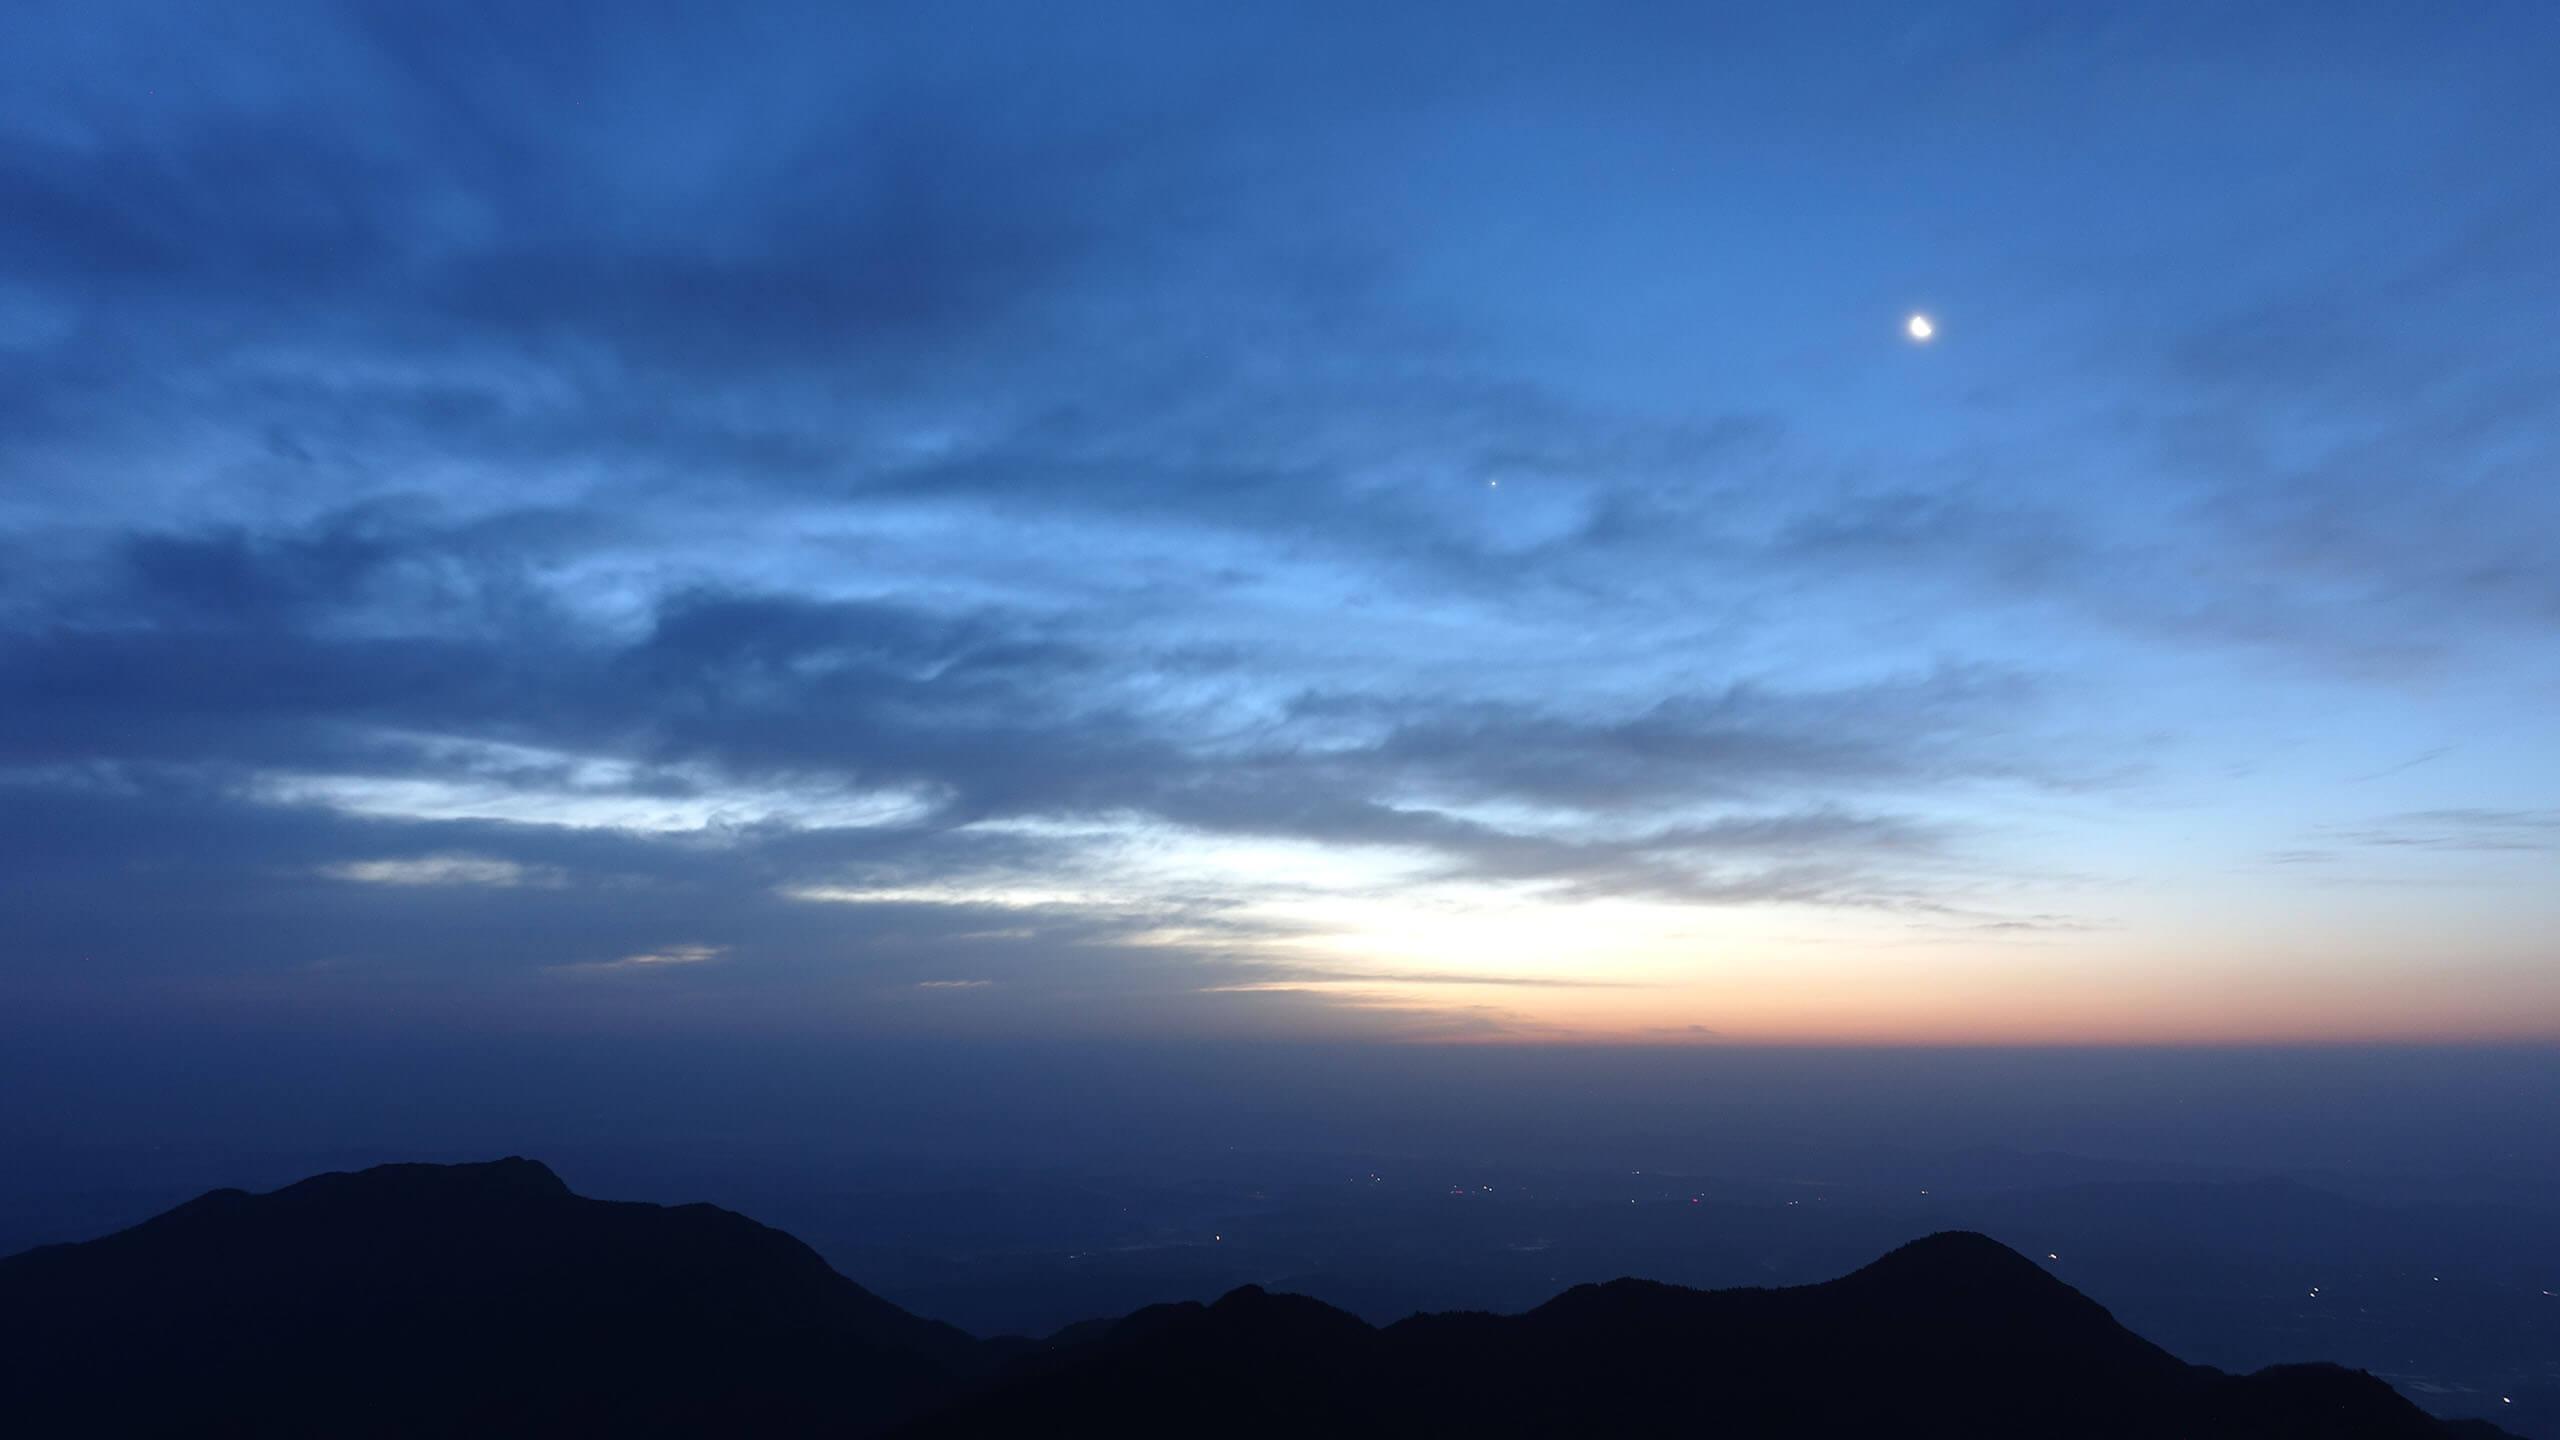 衡山日出之白昼临近